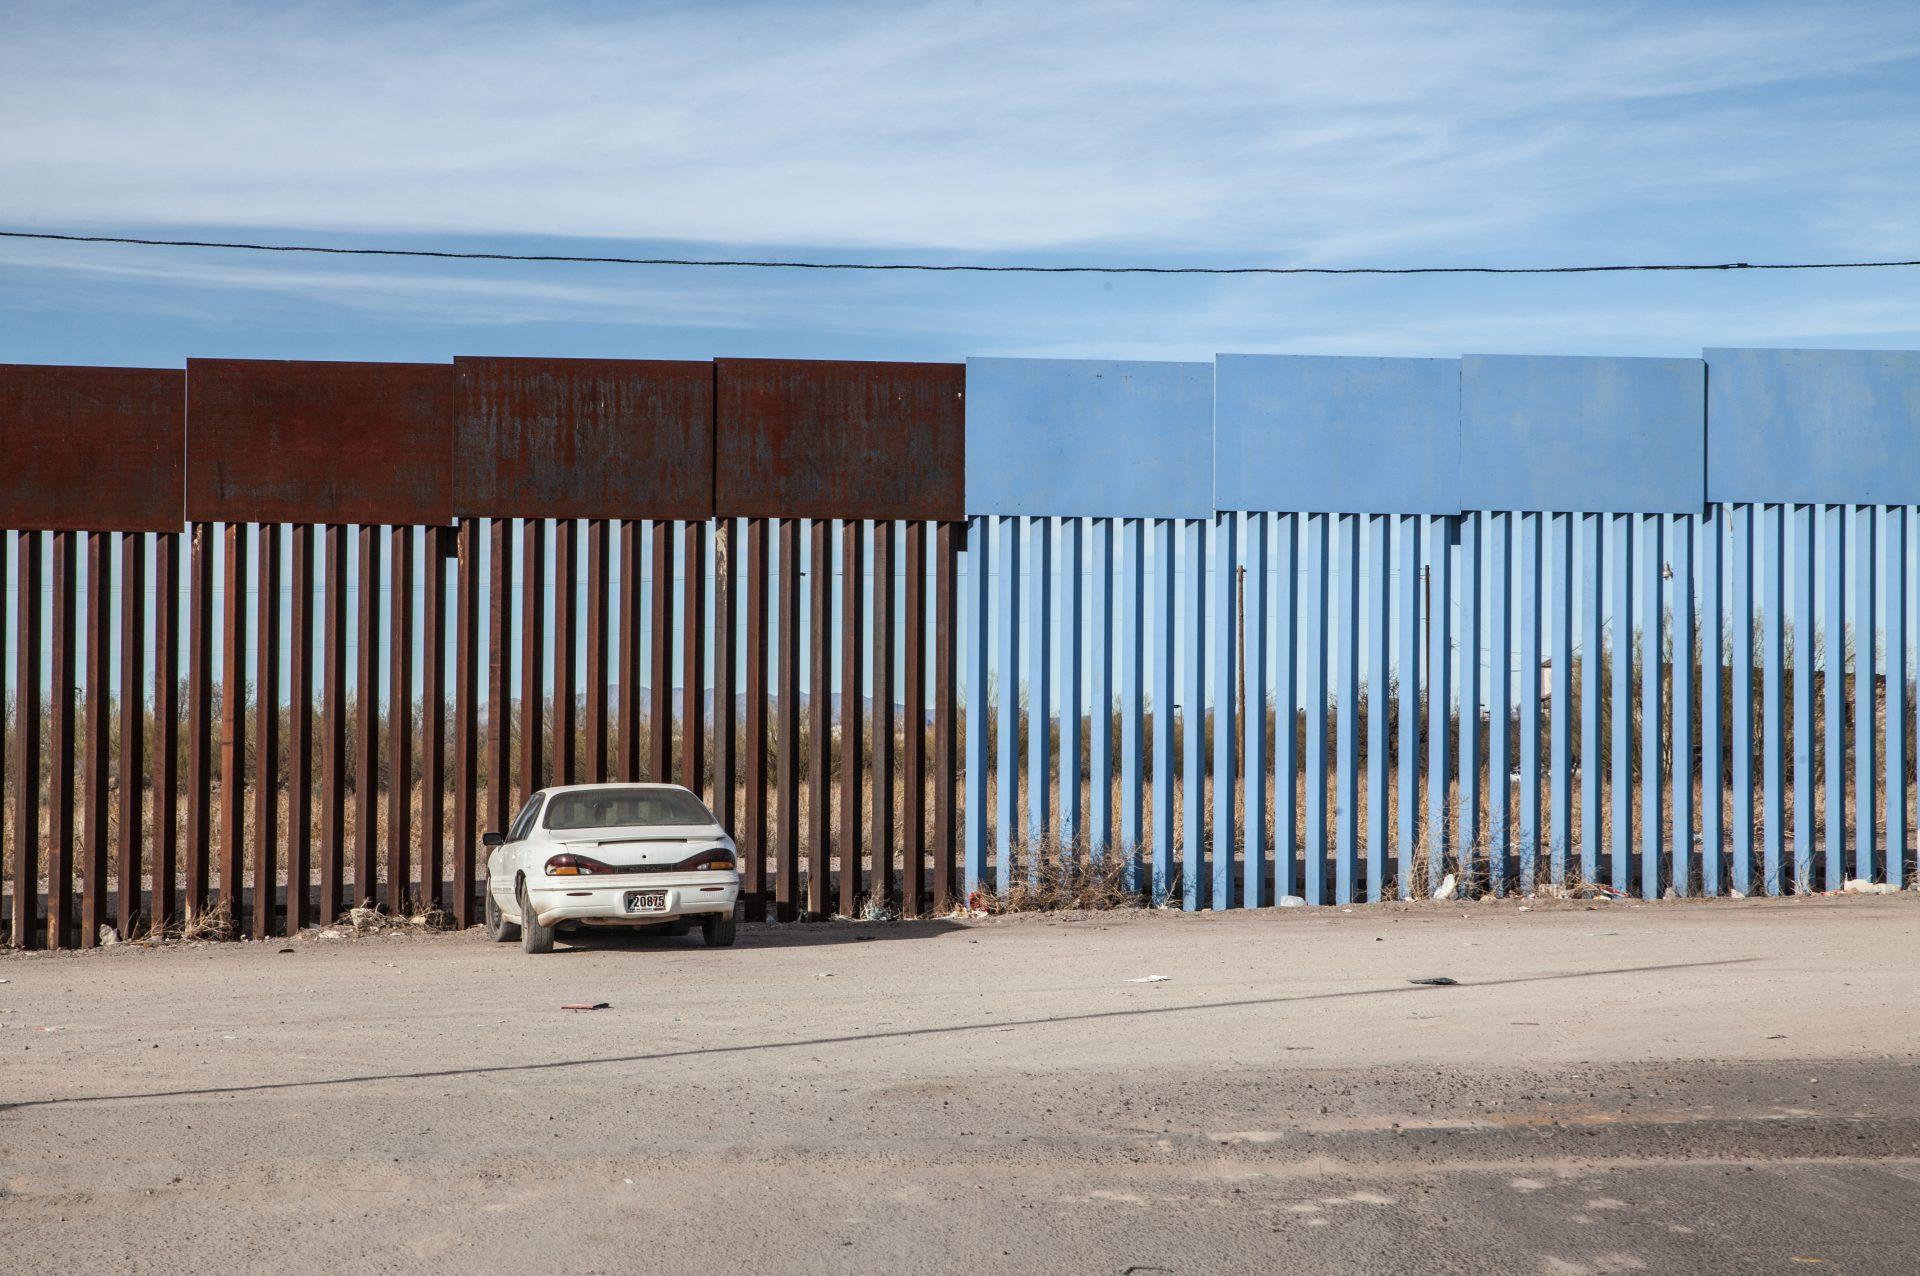 Der Grenzzaun von 2006 spaltet die Bewohner der US-mexikanischen